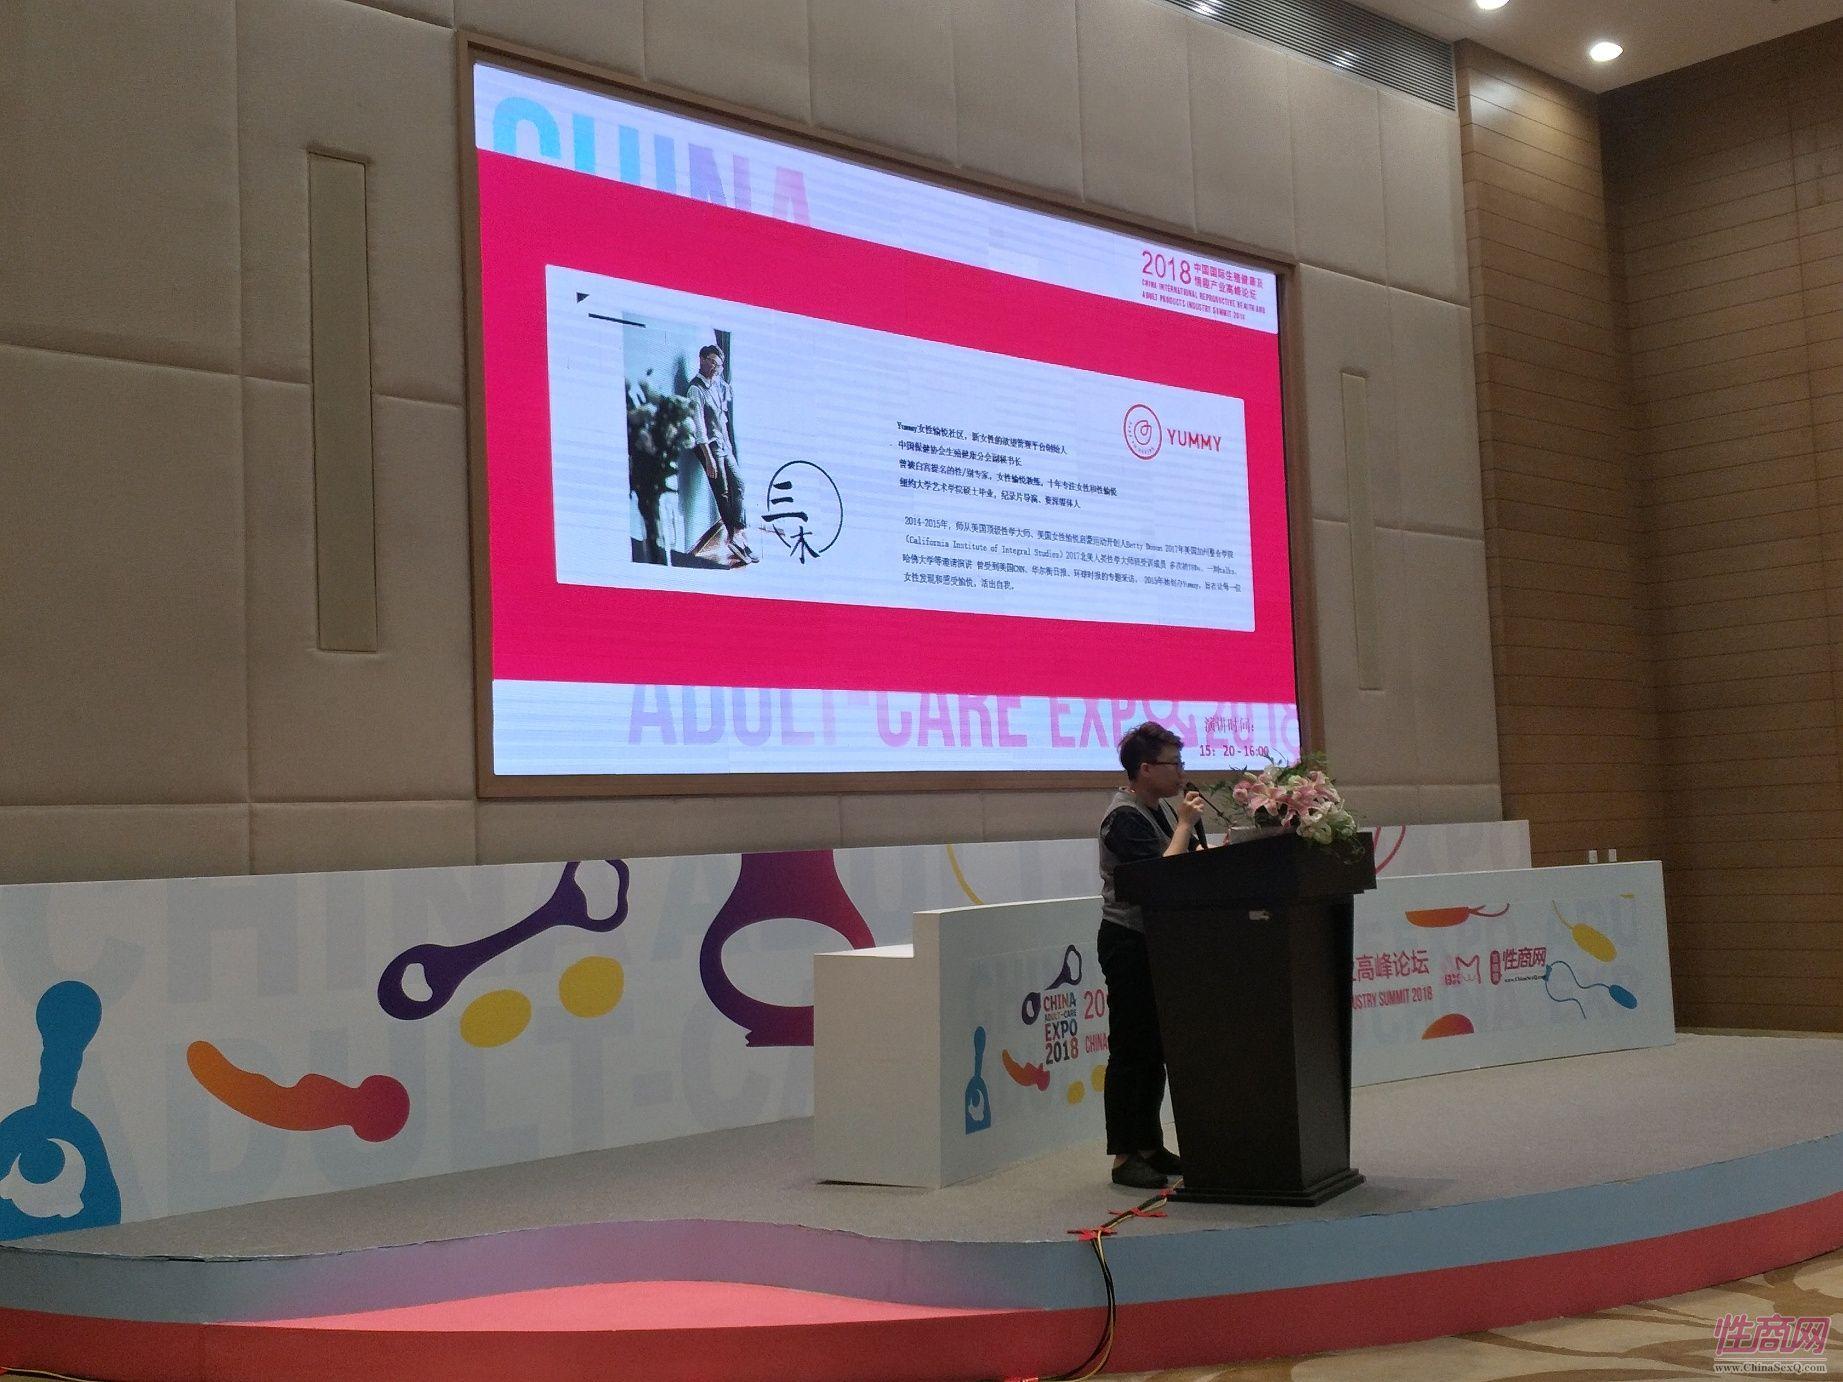 18上海成人展-高峰论坛 (2)